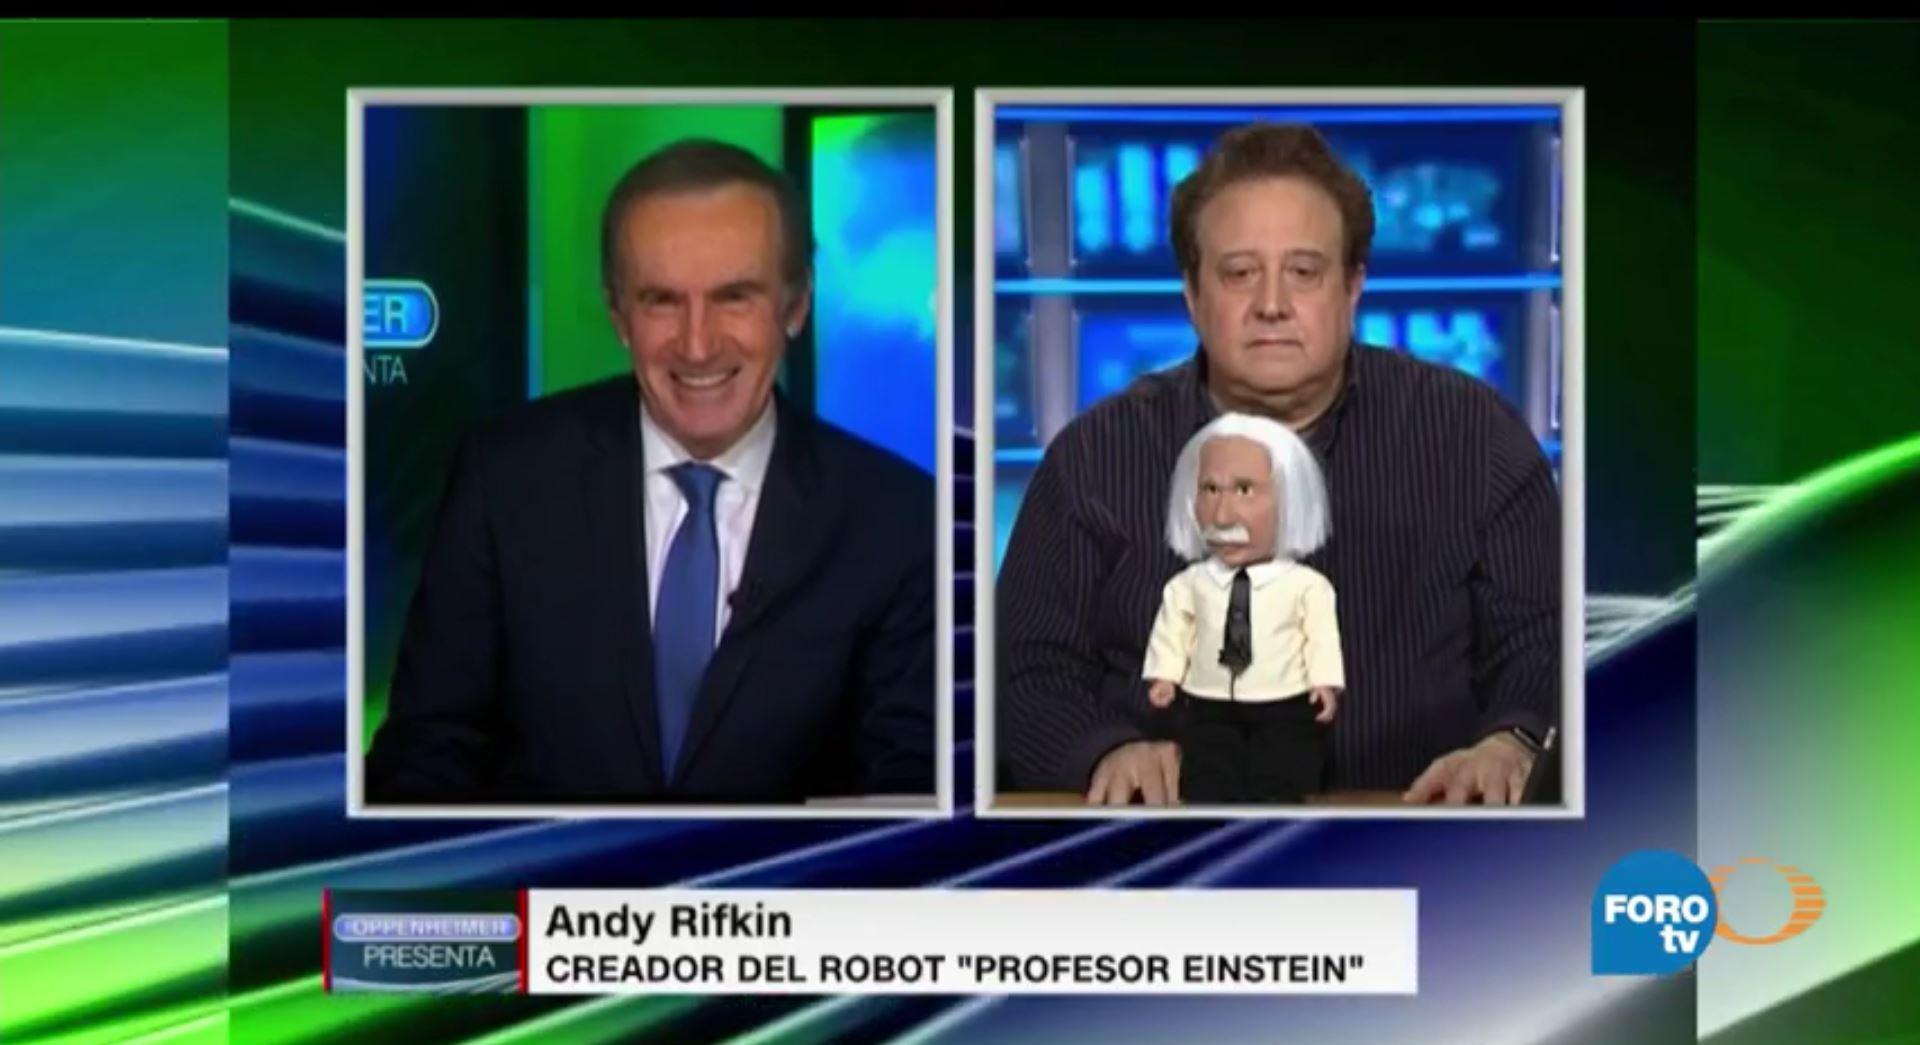 La entrevista de Andrés Oppenheimer con el Profesor Einstein